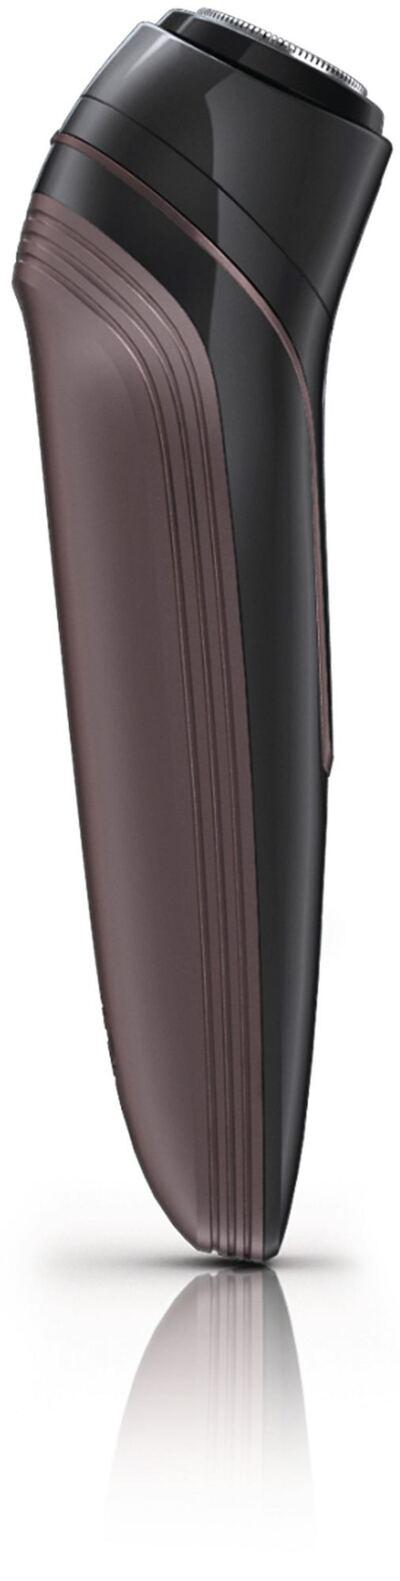 Imagem 3 do produto Barbeador Elétrico Philips 2 Cabeças Recaregável Sem Fio PQ222